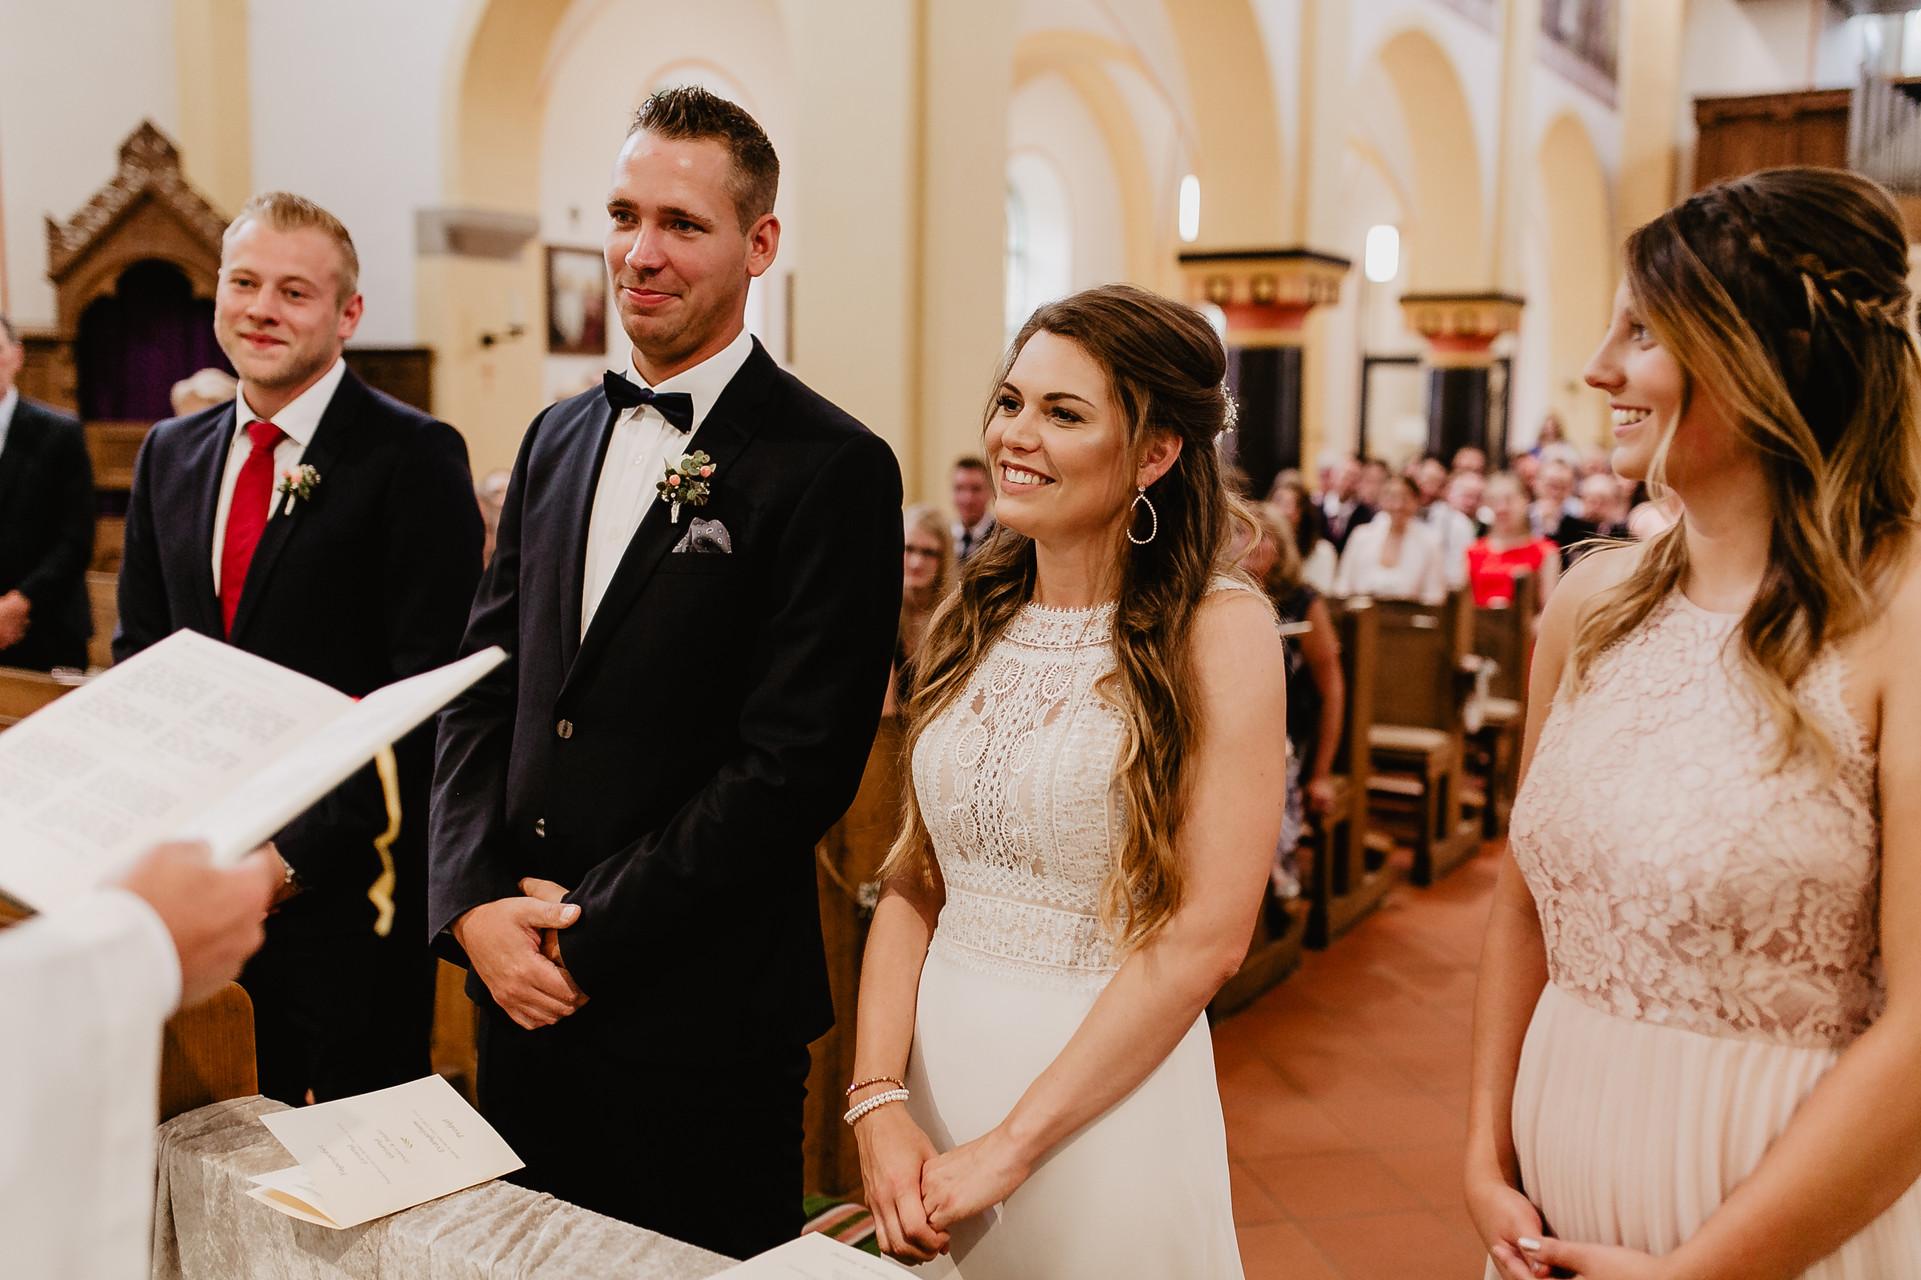 Hochzeit_Insul_Keulers_Lichtliebe_24.JPG